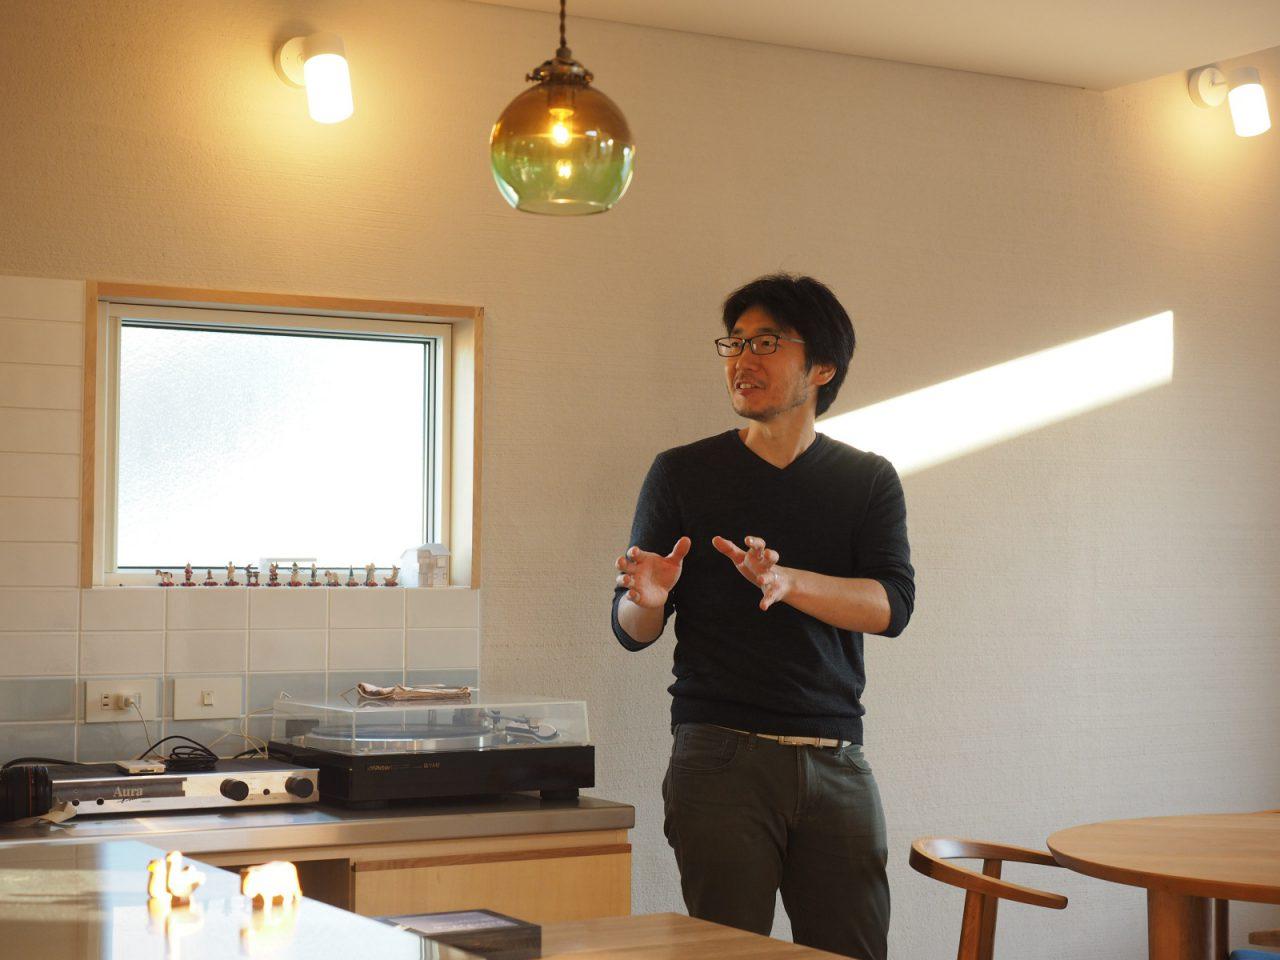 住まい手のNさん。音楽や写真などが好きで、生活の場所である住まいでも、日常の中で「ほっ」とできるような居場所を大切に考えた住まいを思い描き、島田さんとの家づくりを進めてこられました